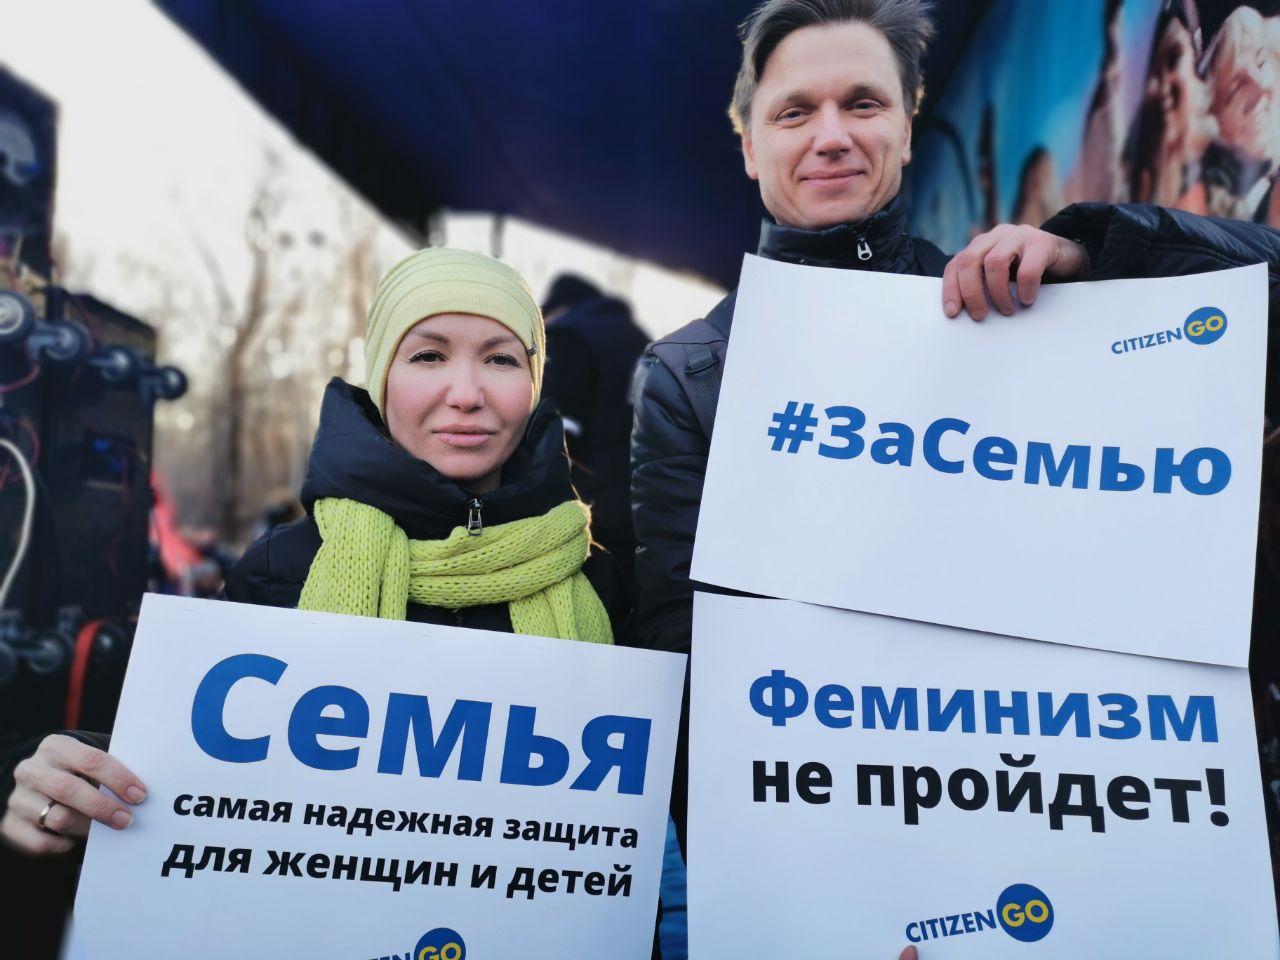 CitizenGO Россия: «В 30 городах нашей страны прошли митинги #ЗаСемью!» (24.11.19)